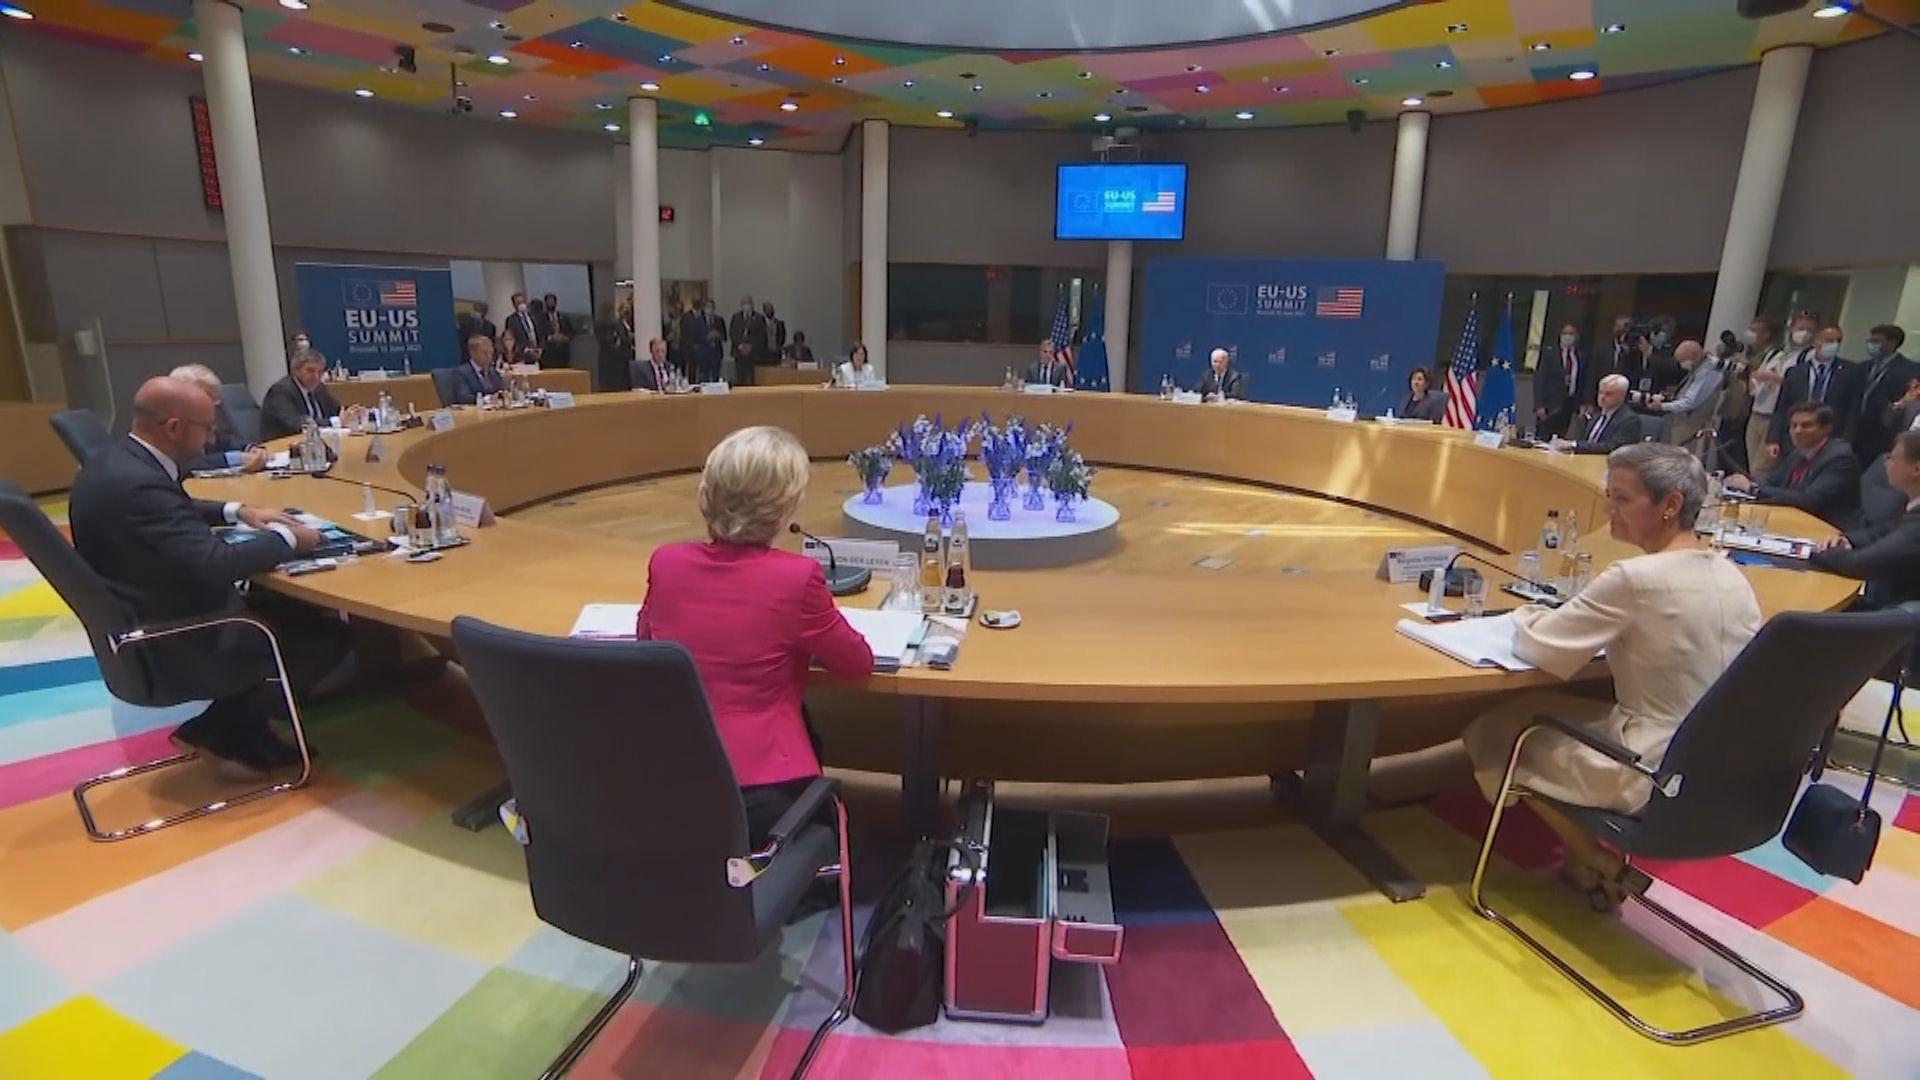 美歐峰會聲明指將在香港新疆等事務互相協調 中方對聲明強烈不滿